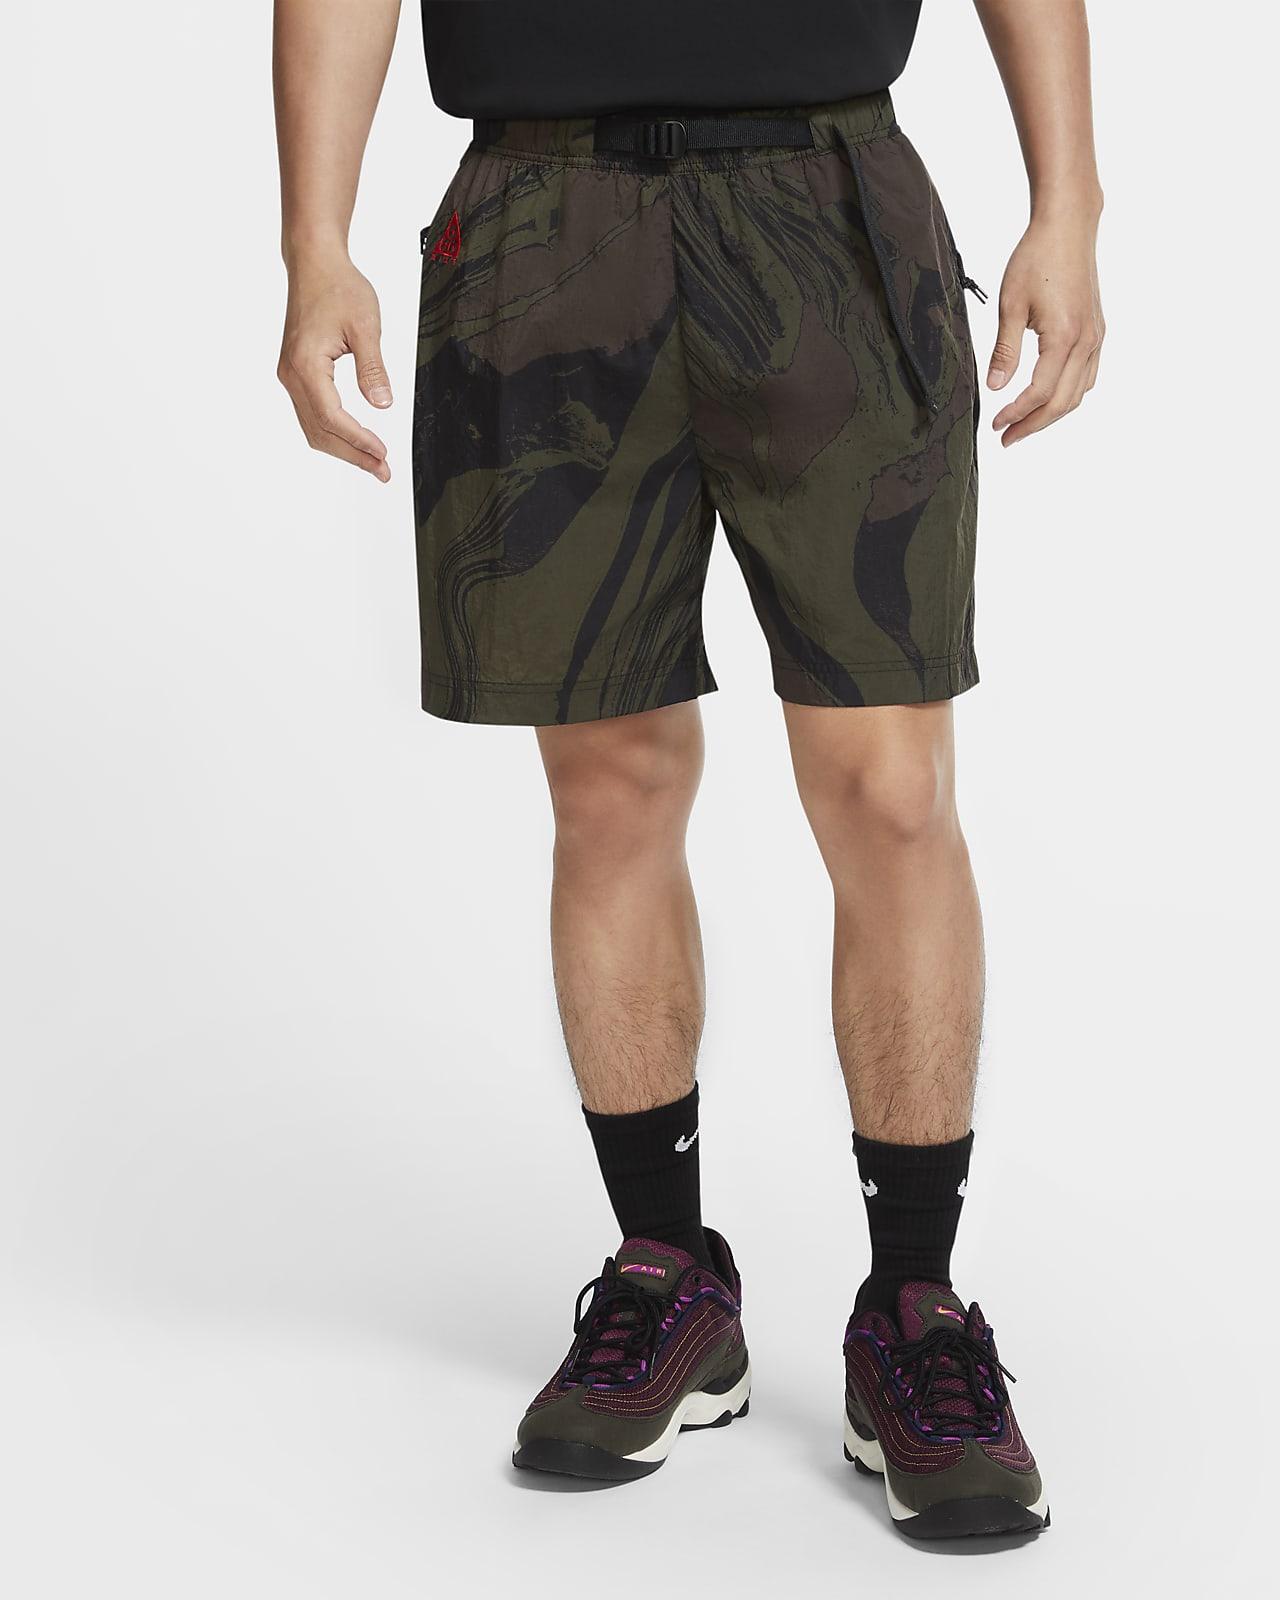 Shorts para hombre Nike ACG Mt. Fuji